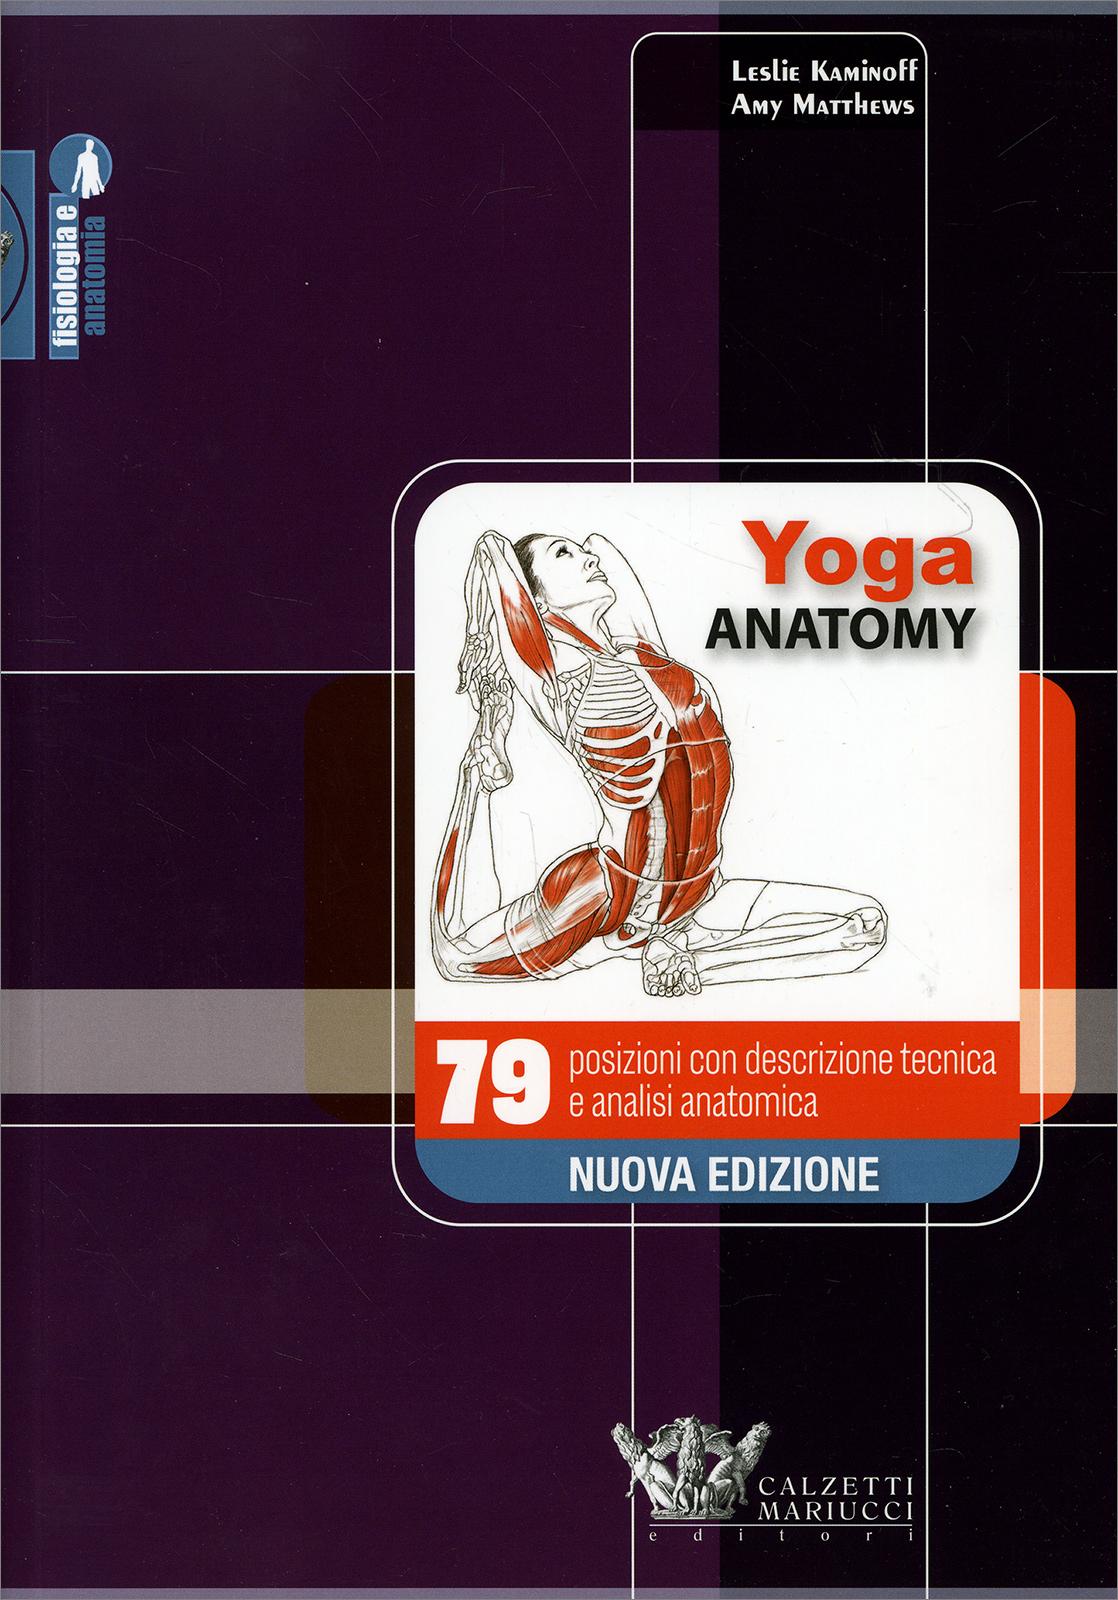 Yoga Anatomy - Libro di Leslie Kaminoff